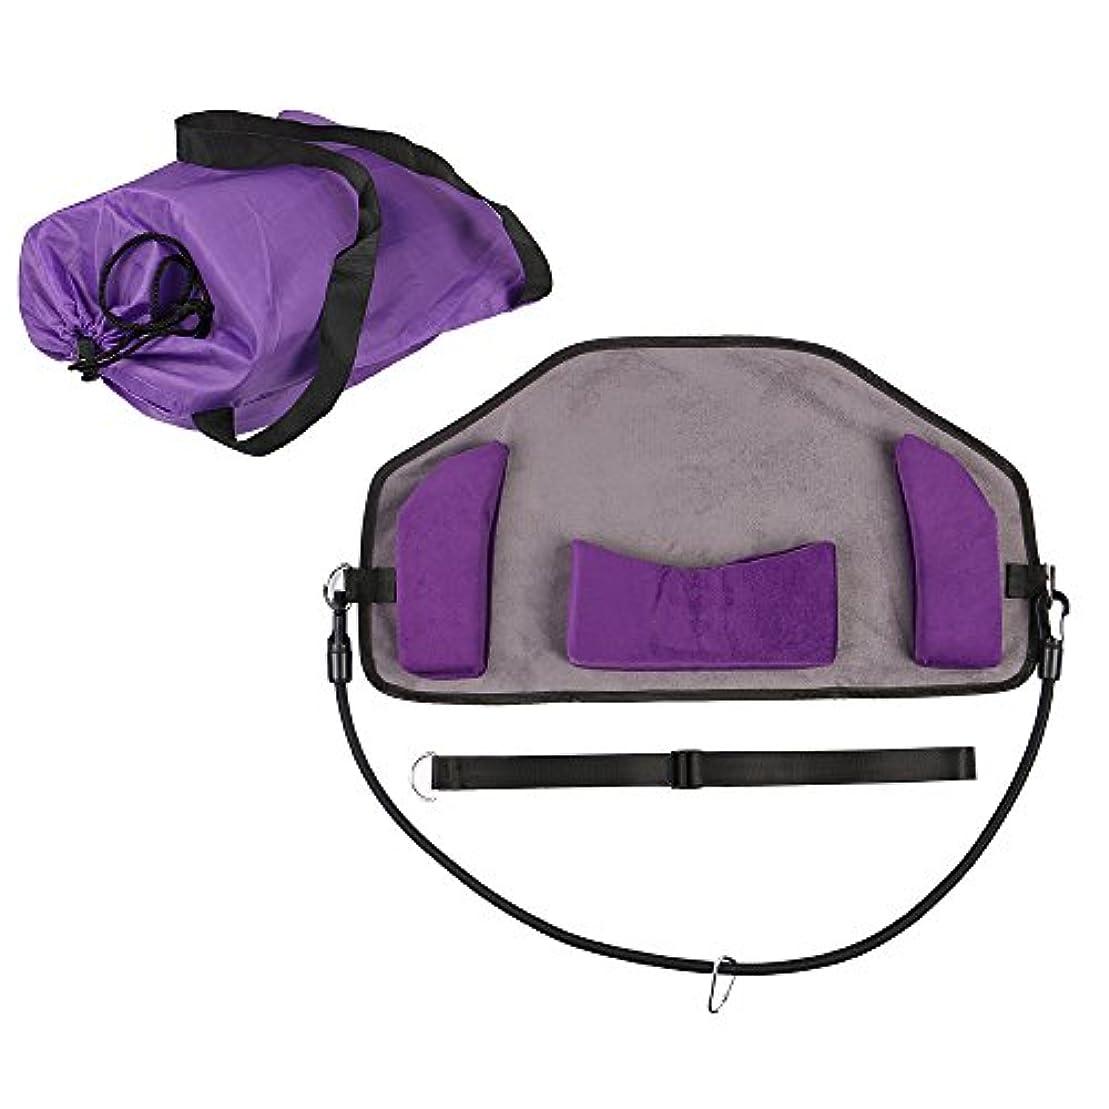 もの繊維行き当たりばったりネックハンモックネックペイントリリーフのためのより良いハンモックポータブルと調節可能なネックストレッチャーあなたの疲れを速やかに解消 (紫の)